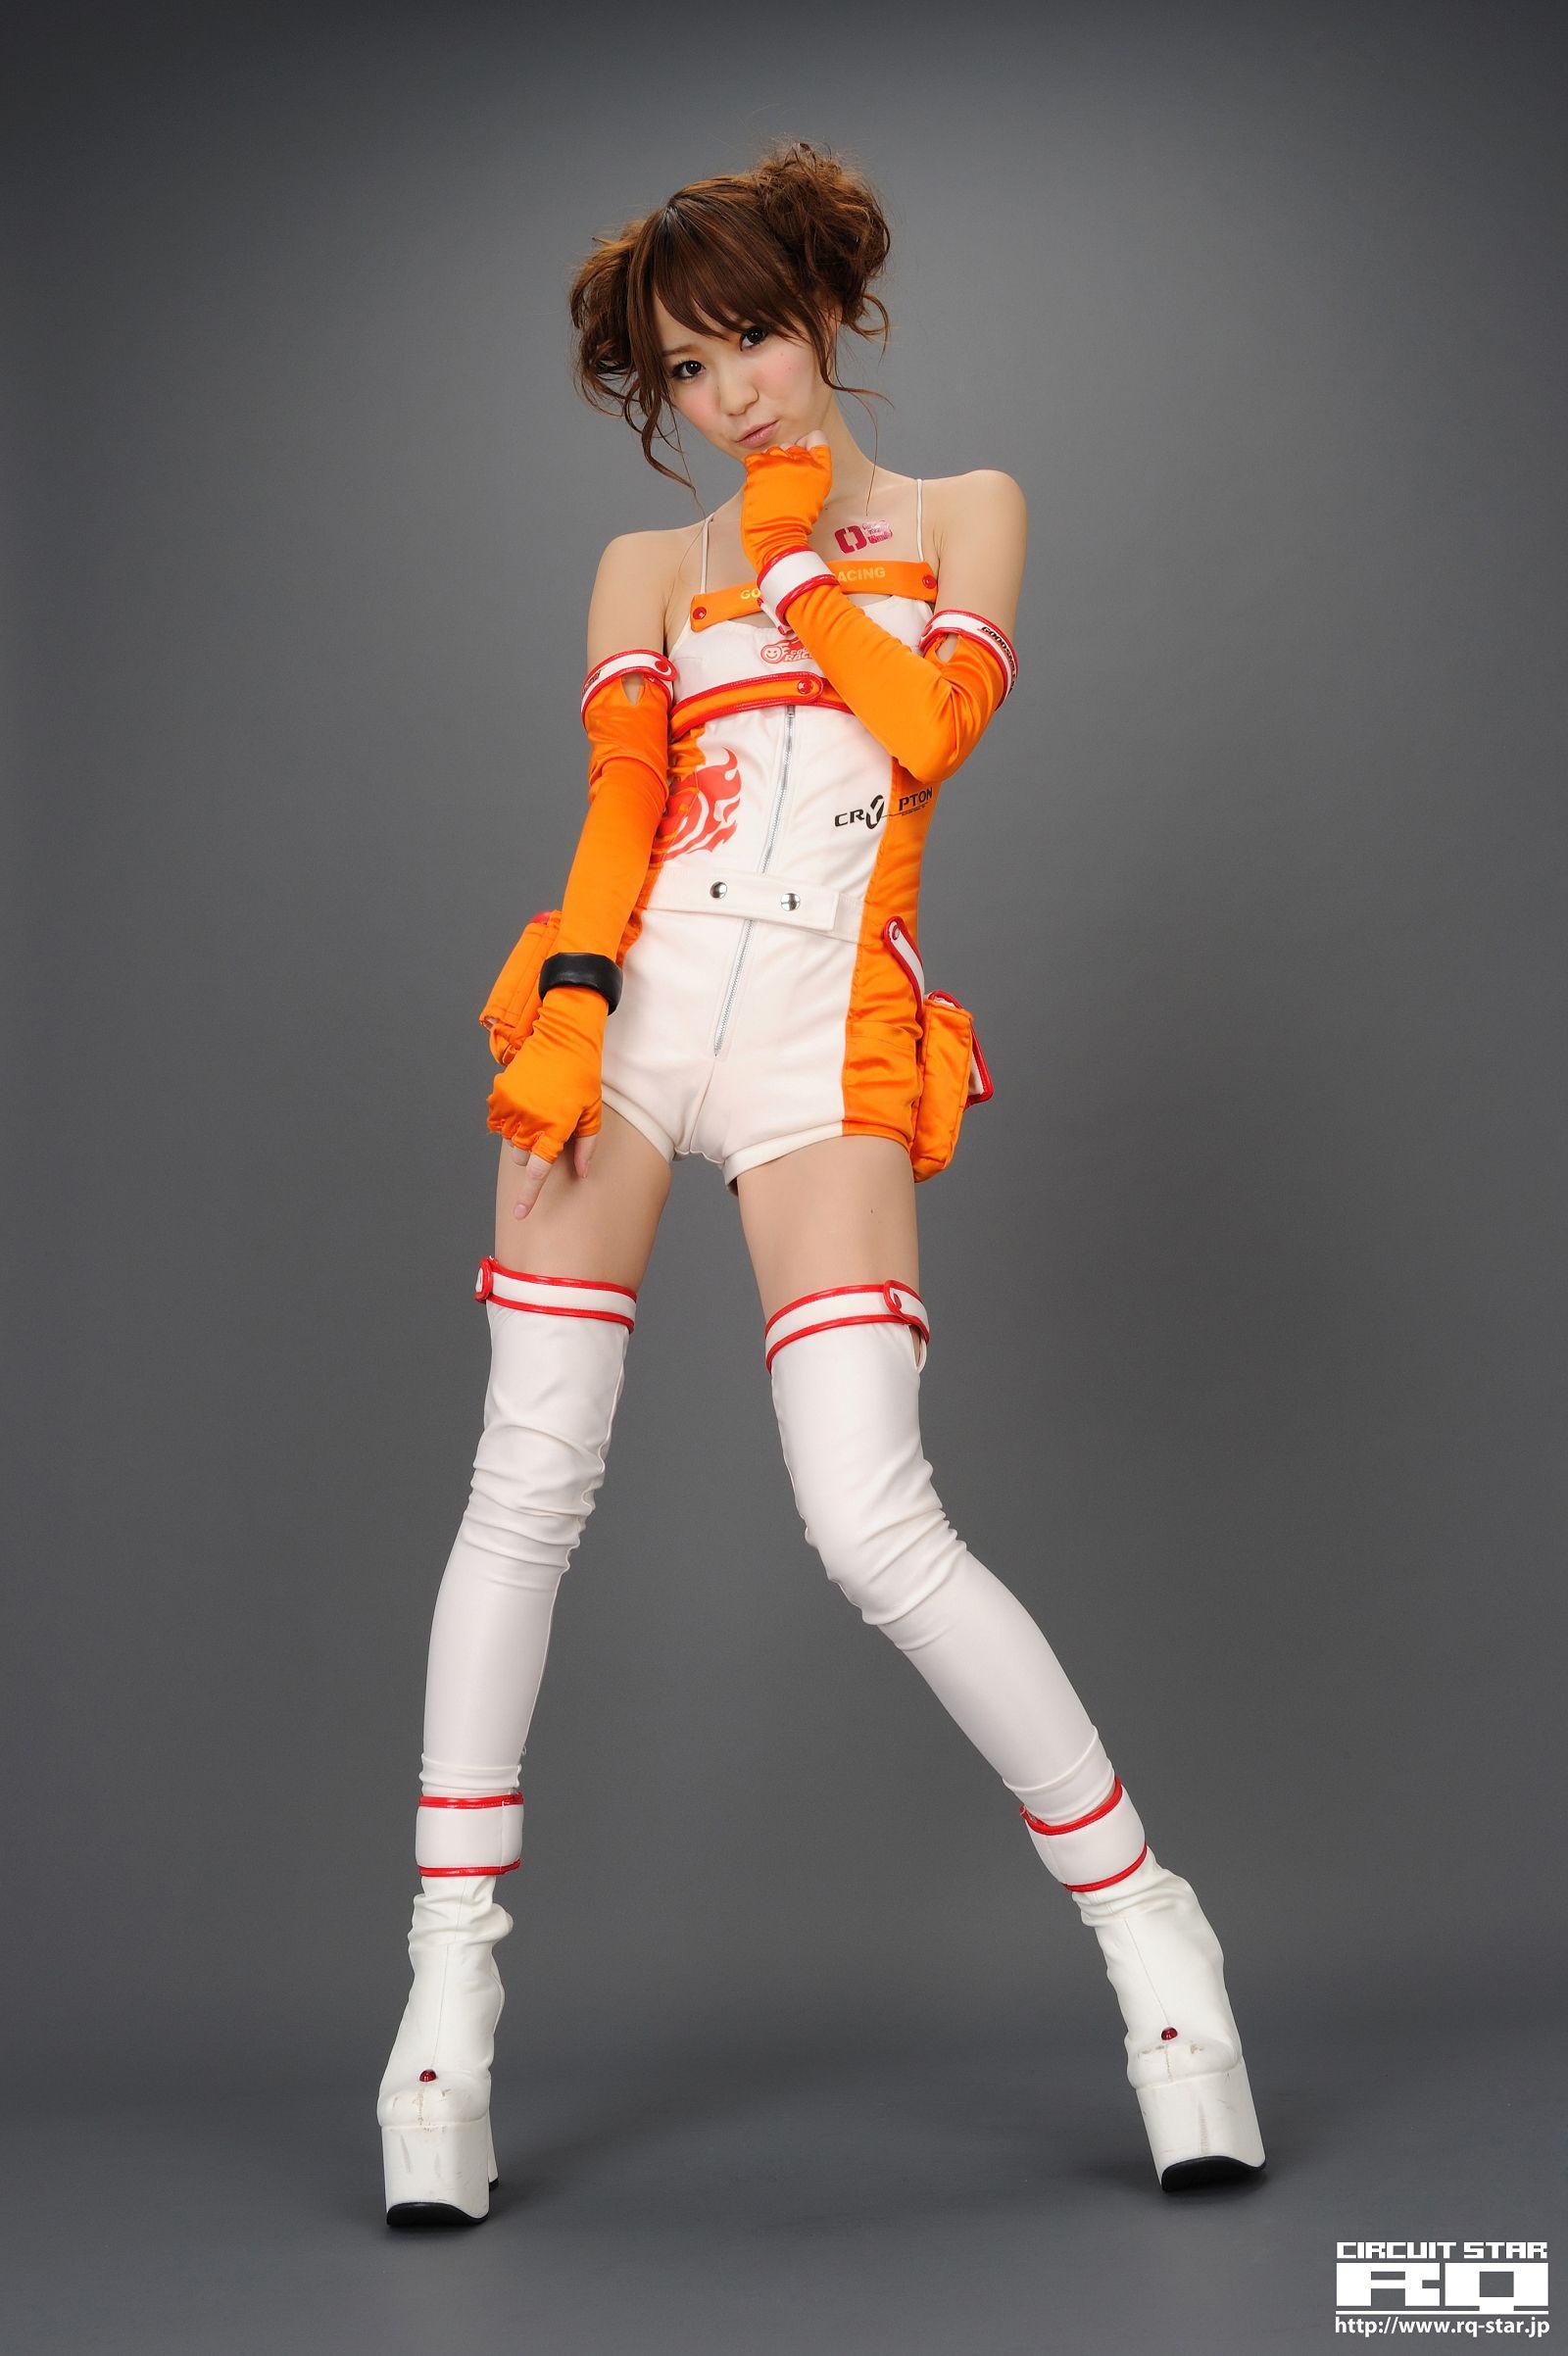 [RQ STAR美女] NO.01113 Shihomi Ogoshi 小越しほみ Race Queen[62P] RQ STAR 第3张